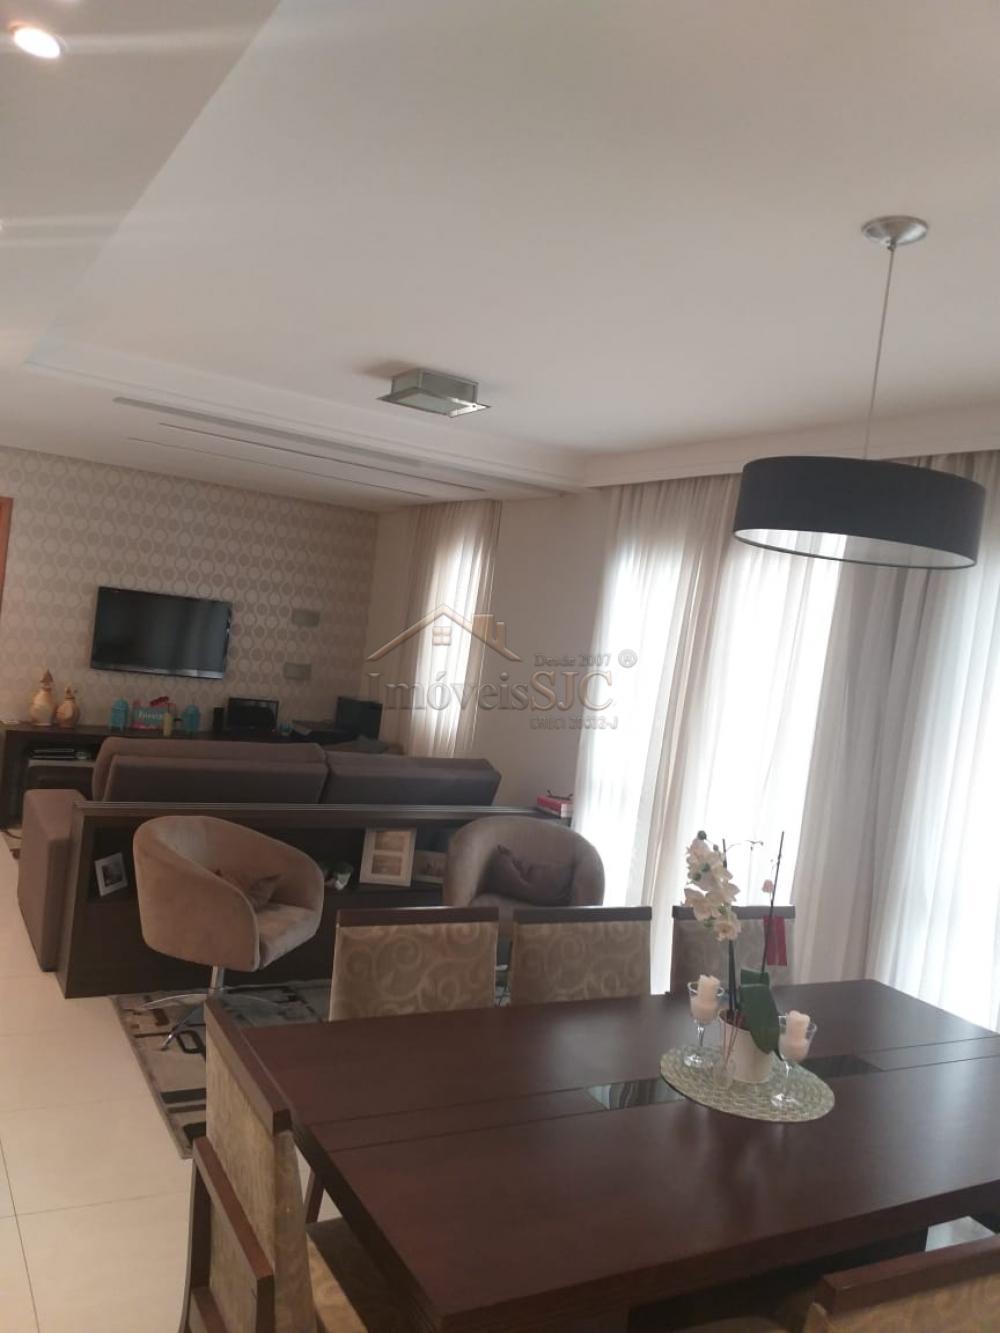 Comprar Apartamentos / Padrão em São José dos Campos apenas R$ 820.000,00 - Foto 2